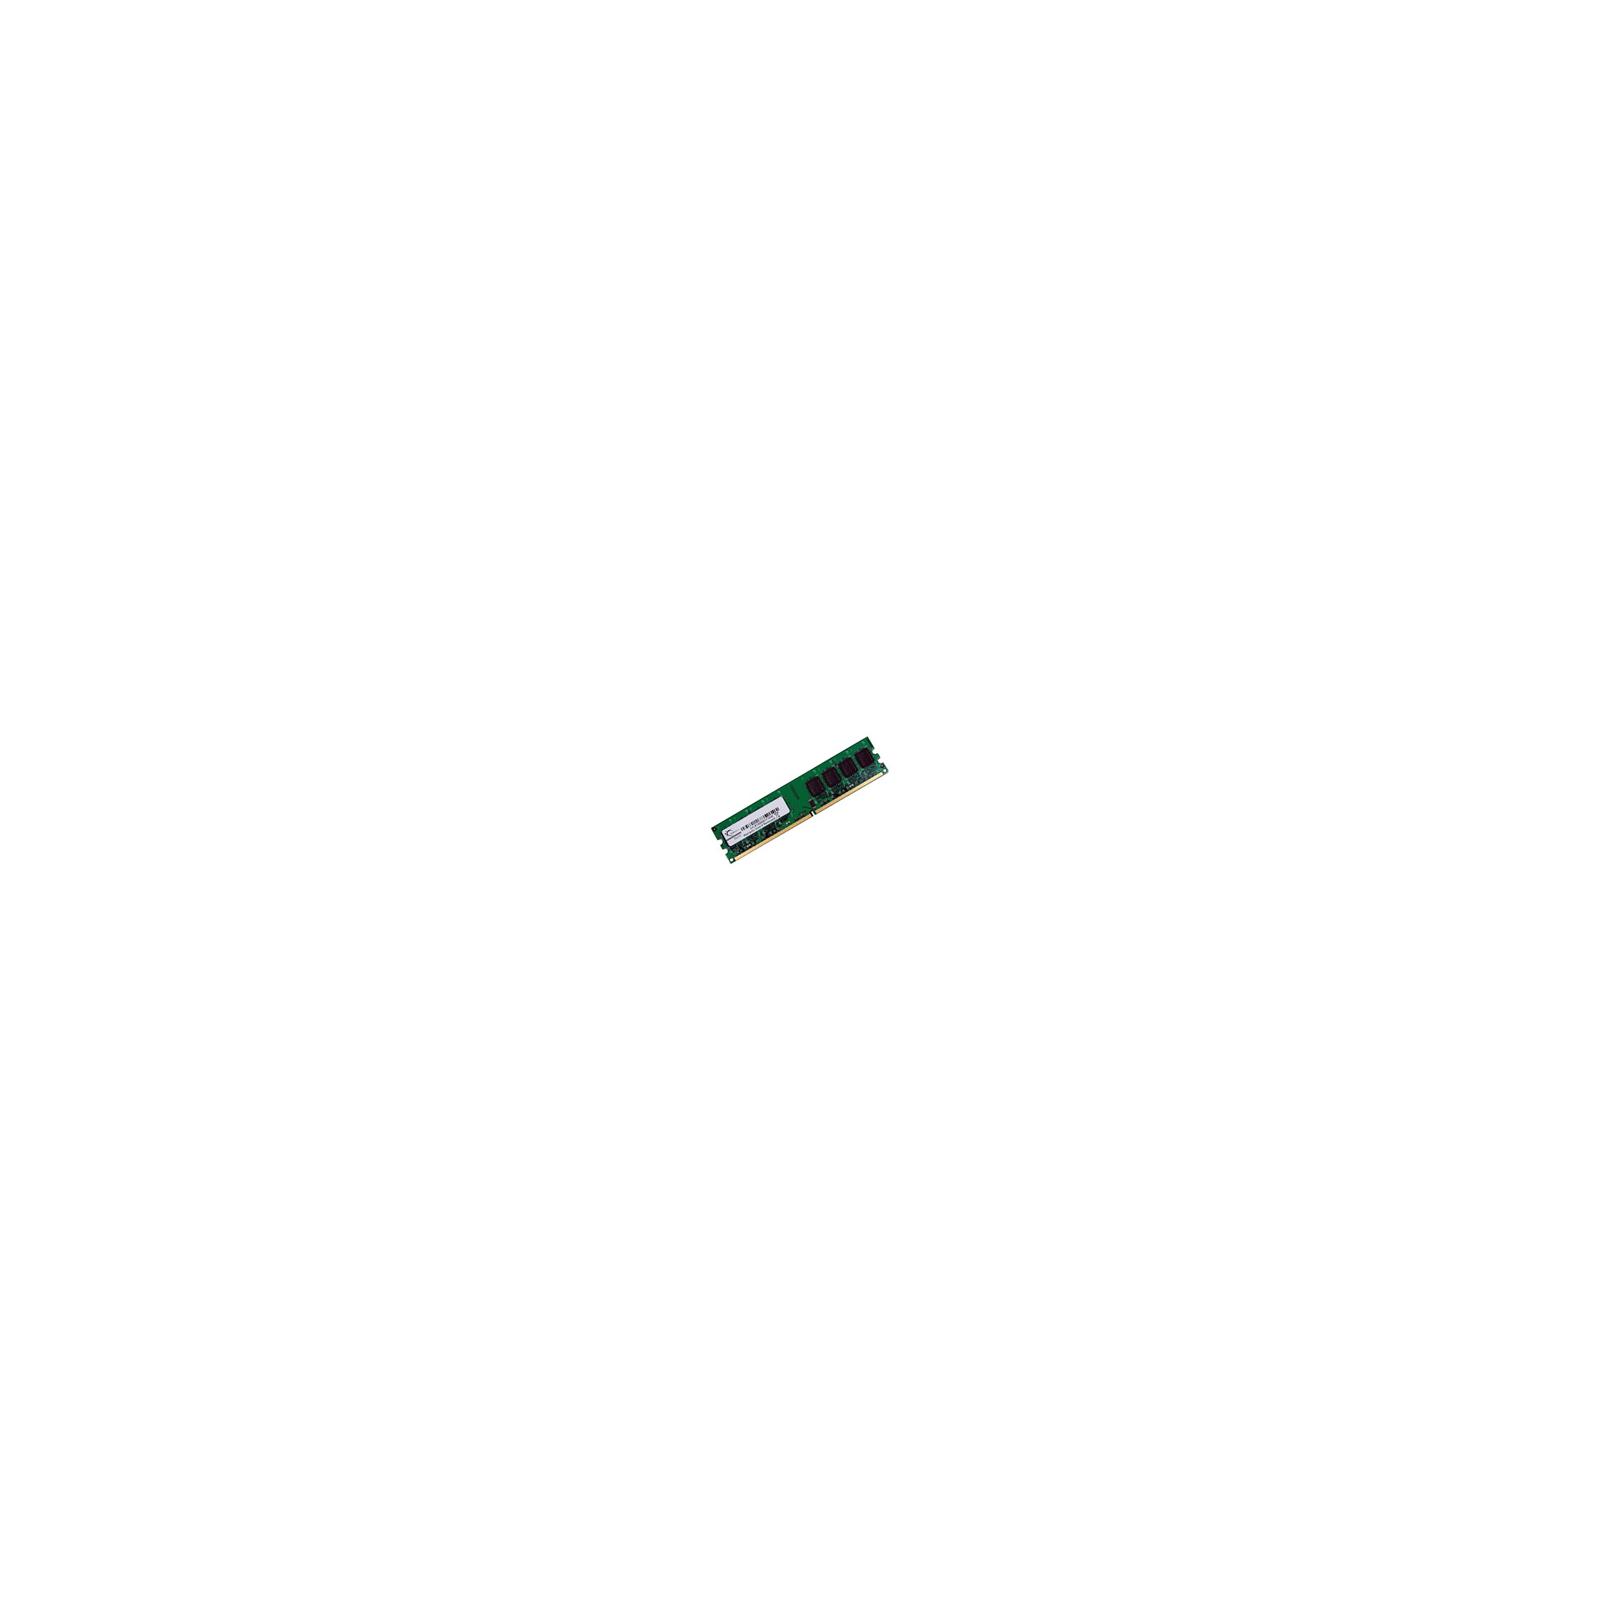 Модуль памяти для компьютера DDR2 1GB 800 MHz G.Skill (F2-6400CL5S-1GBNT / F2-6400CL5S-1GBNY)